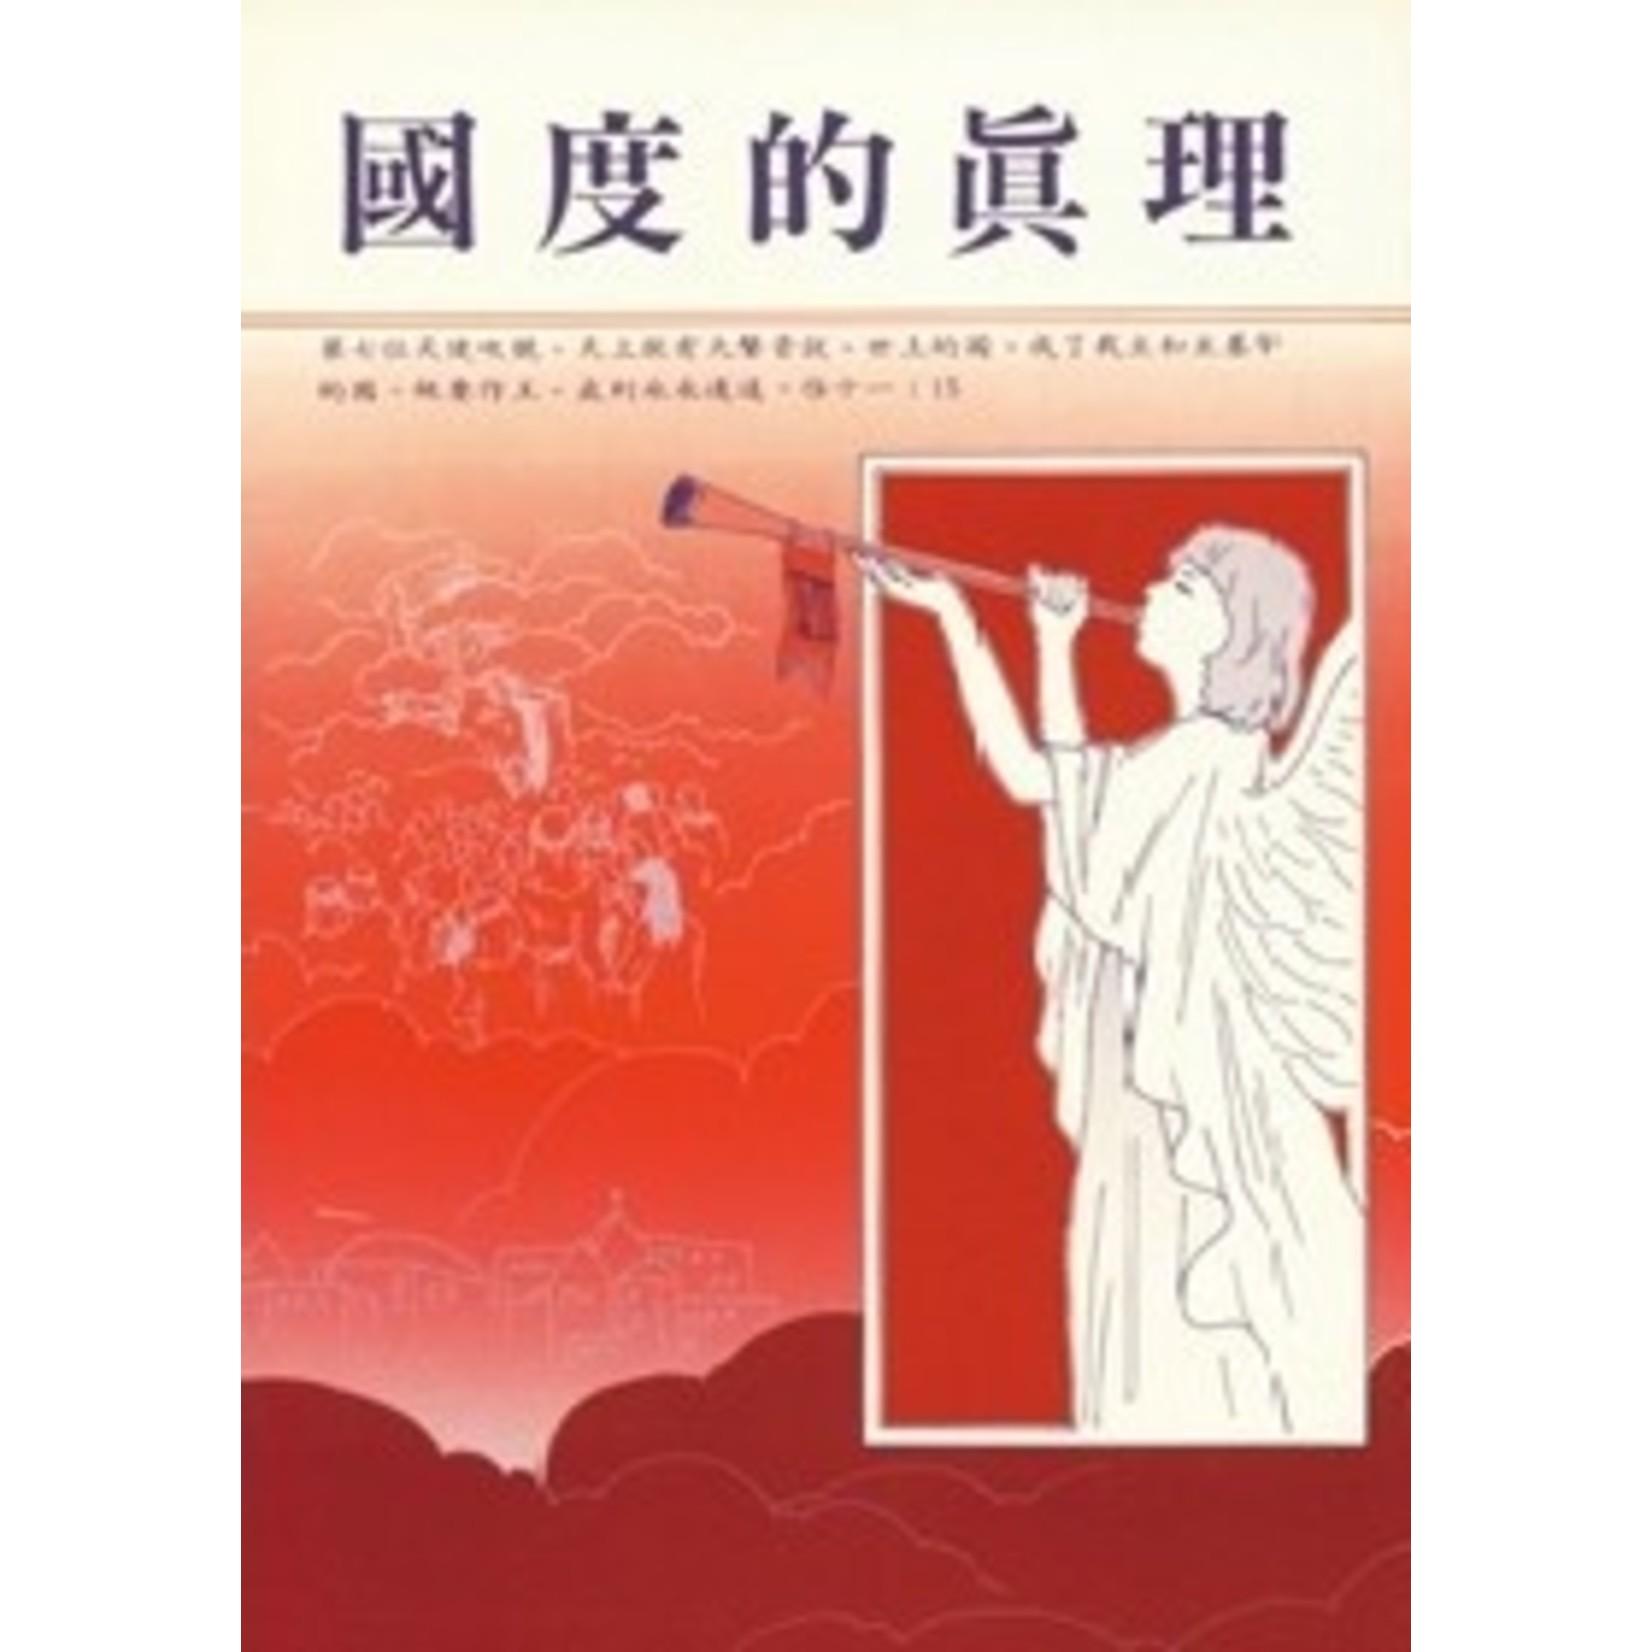 中華福音神學院 China Evangelical Seminary 國度的真理